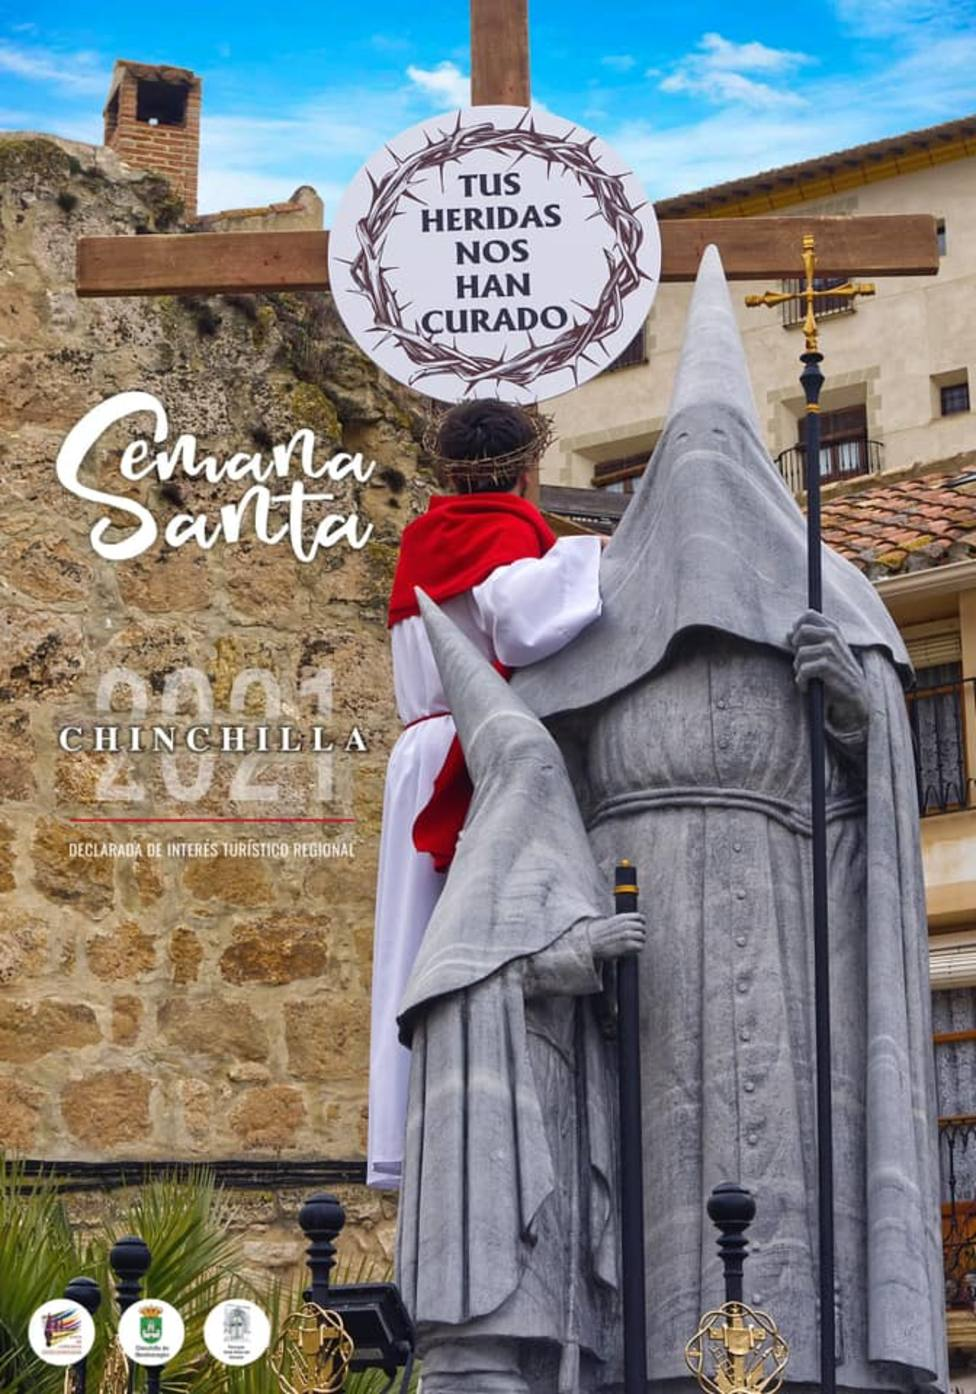 Santa María del Salvador acogió la presentación del cartel de la Semana Santa Chinchillana 2021